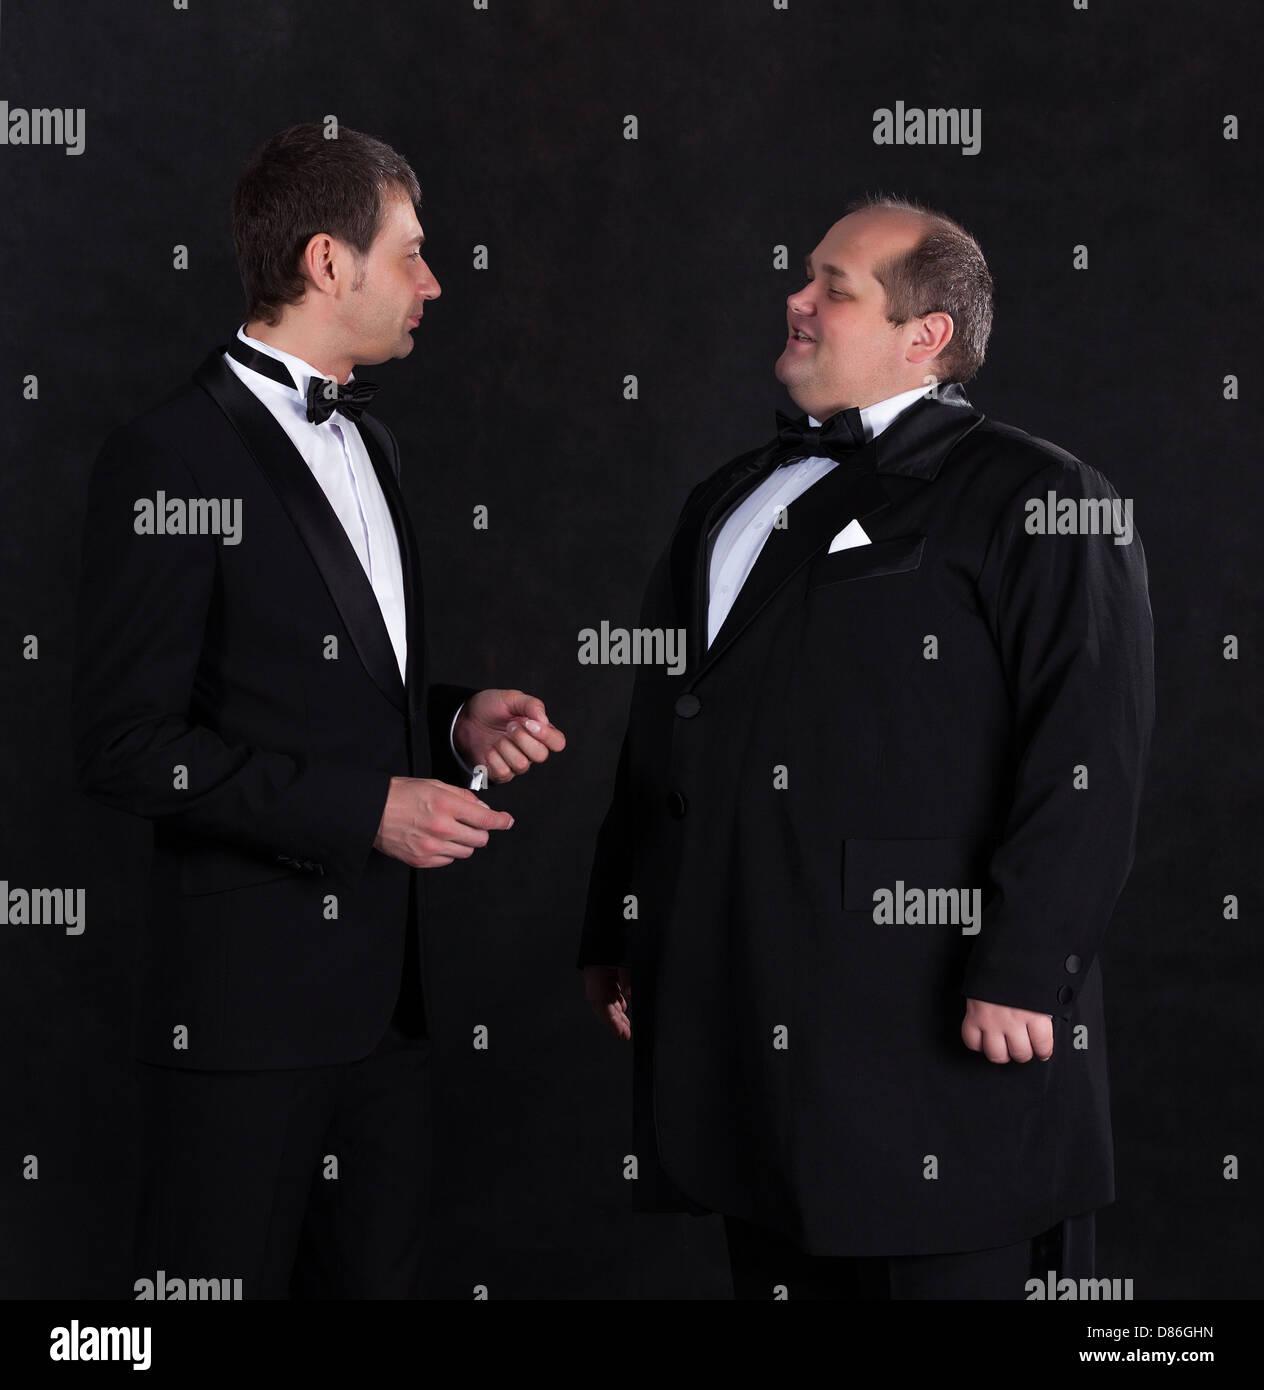 Two stylish businessman in tuxedos, on black background - Stock Image